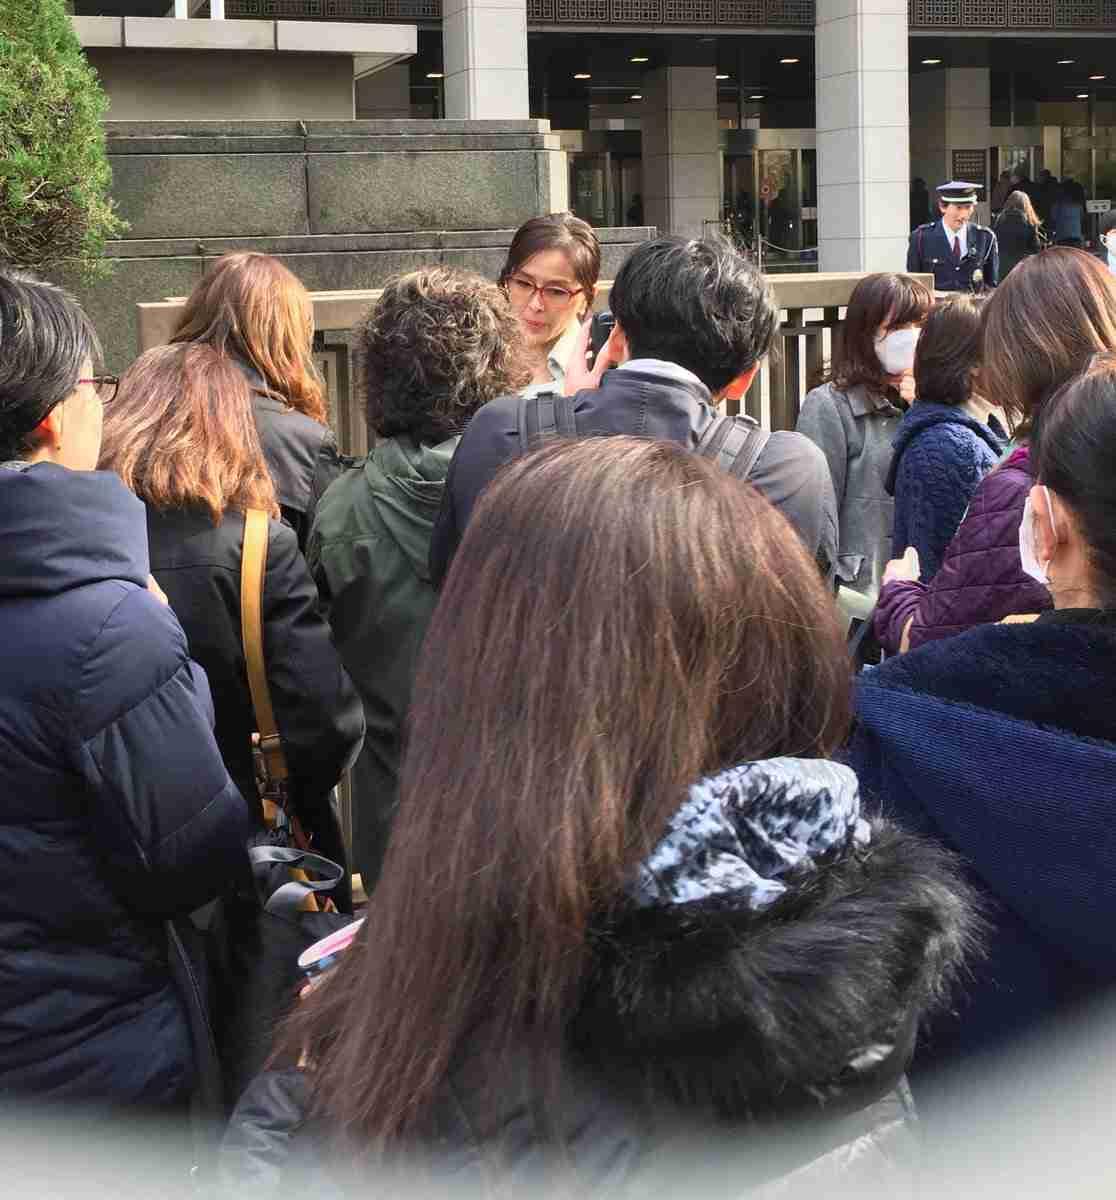 <猫虐待>元税理士に懲役1年10月求刑 東京地裁公判